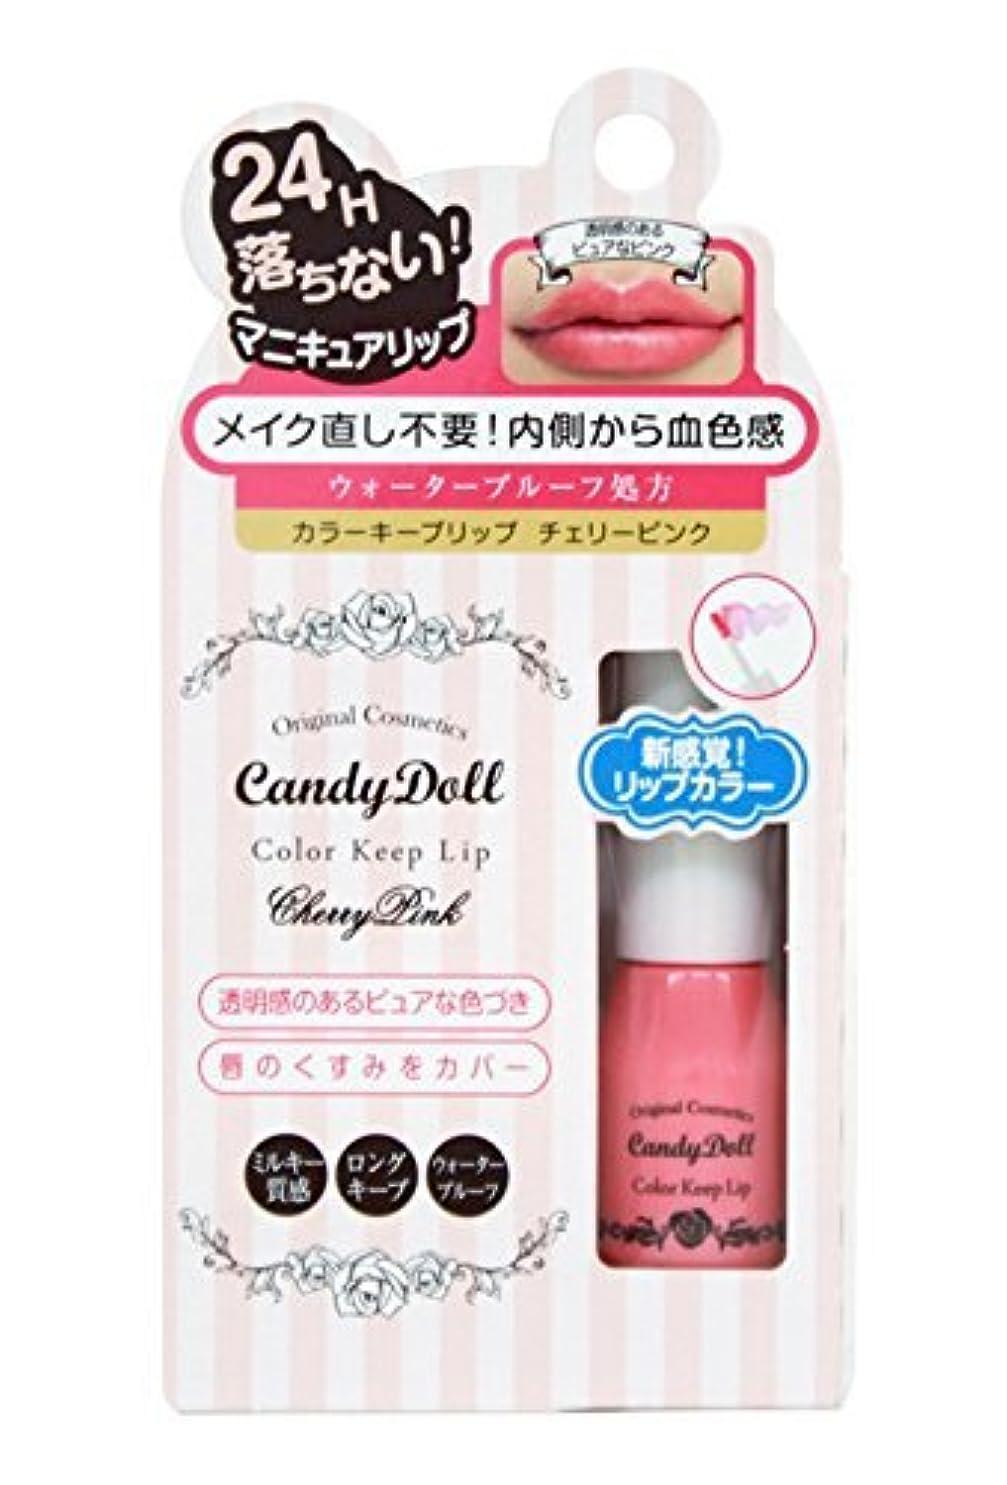 管理する反応するテンポT-Garden CandyDoll カラーキープリップ チェリーピンク